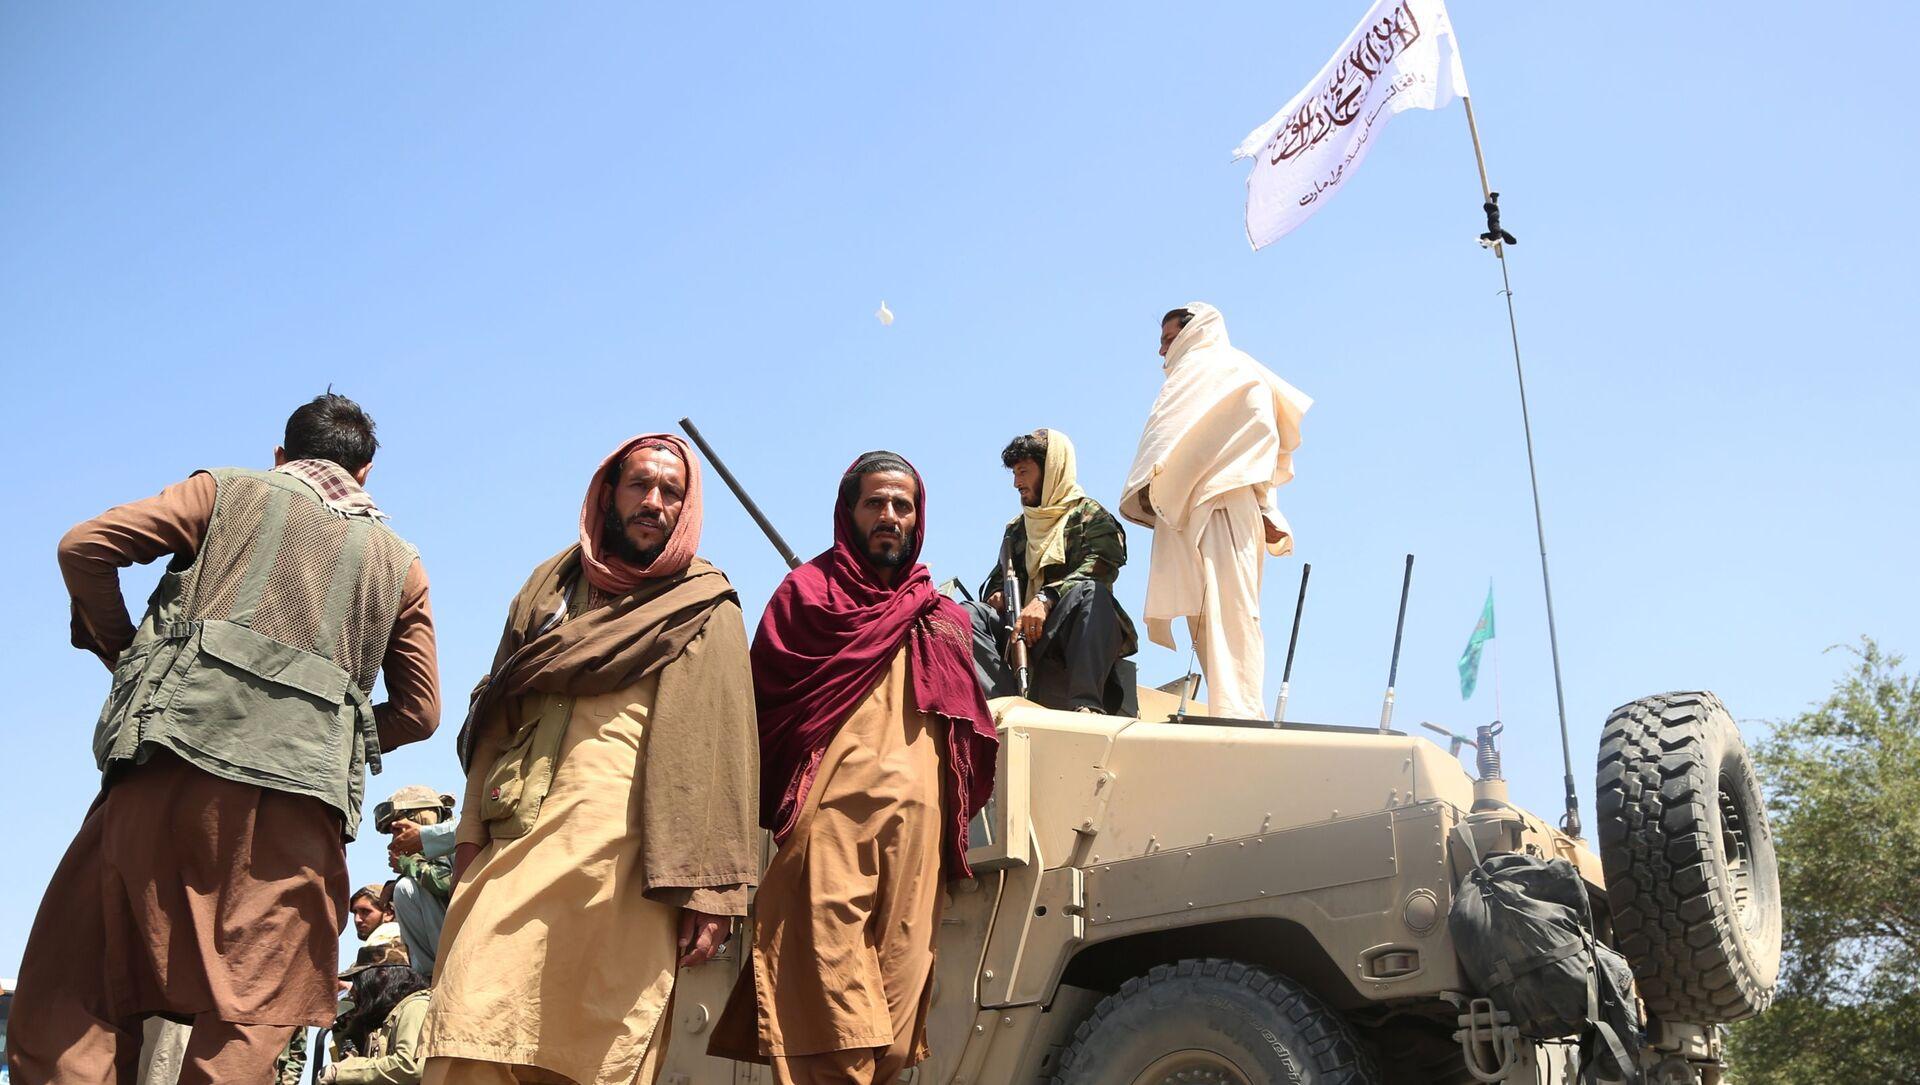 Situation en Afghanistan après le retour des talibans au pouvoir, août 2021 - Sputnik France, 1920, 07.09.2021